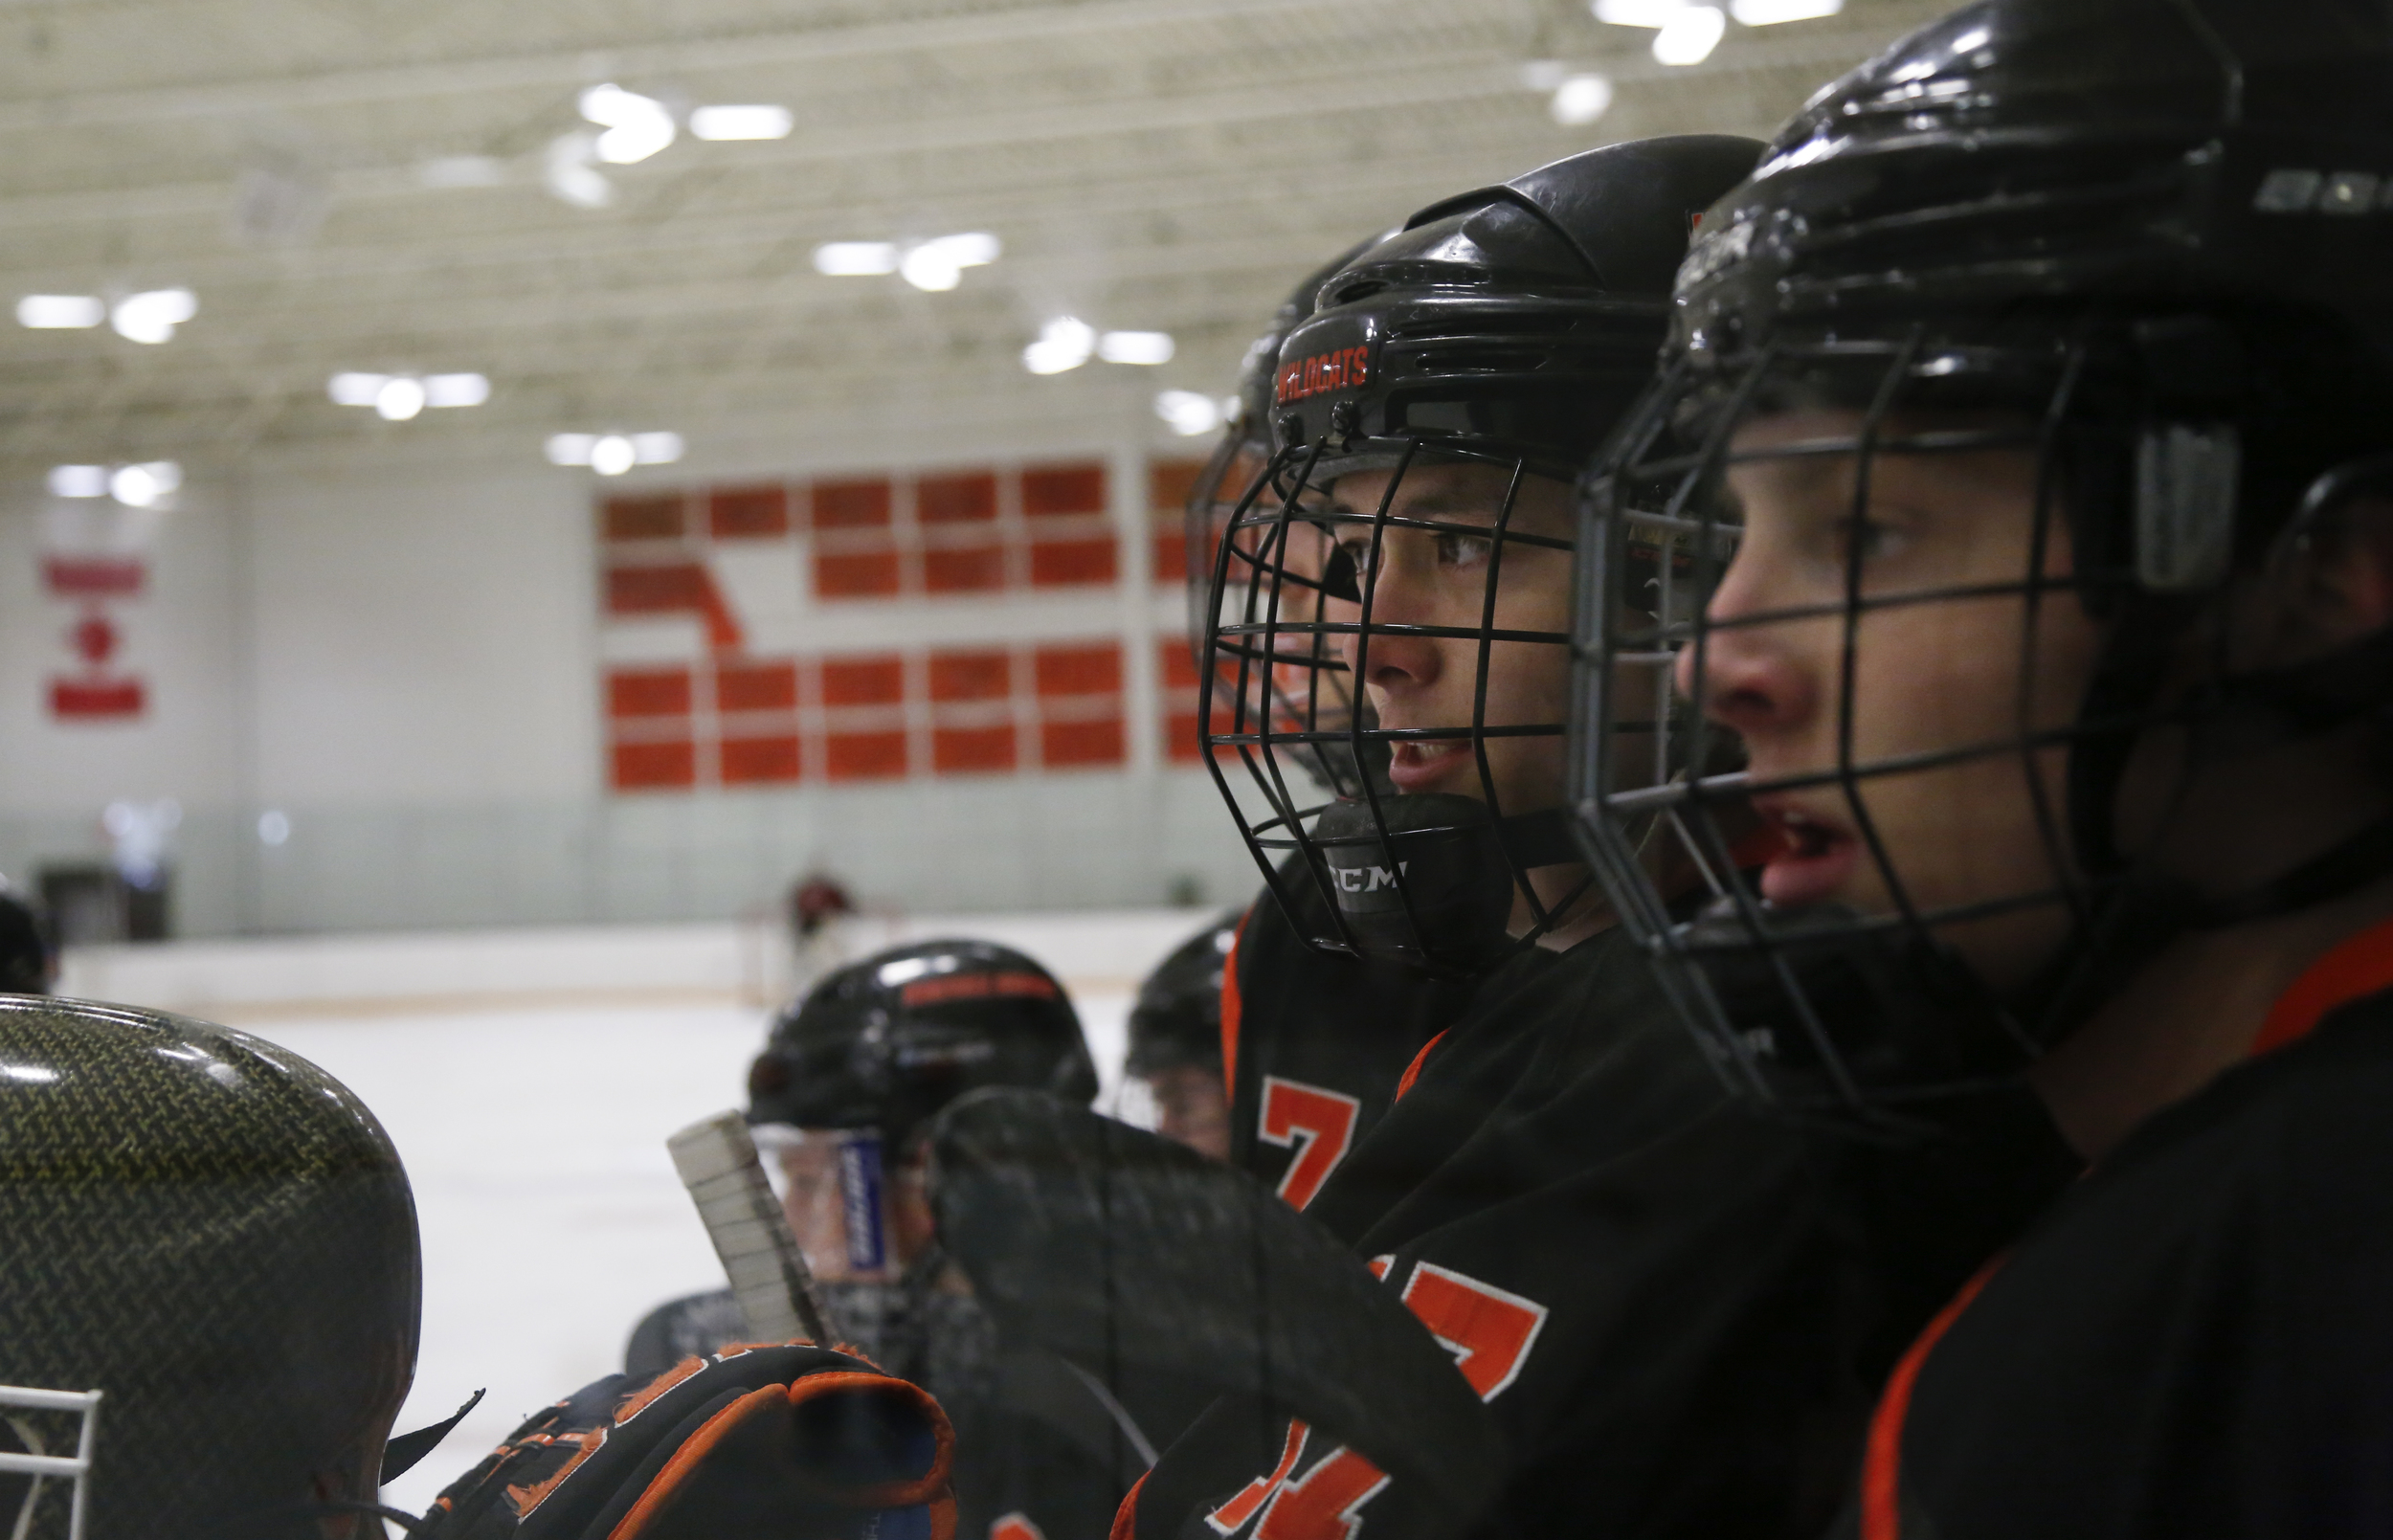 20150218-vn-hockey-ss-528.jpg